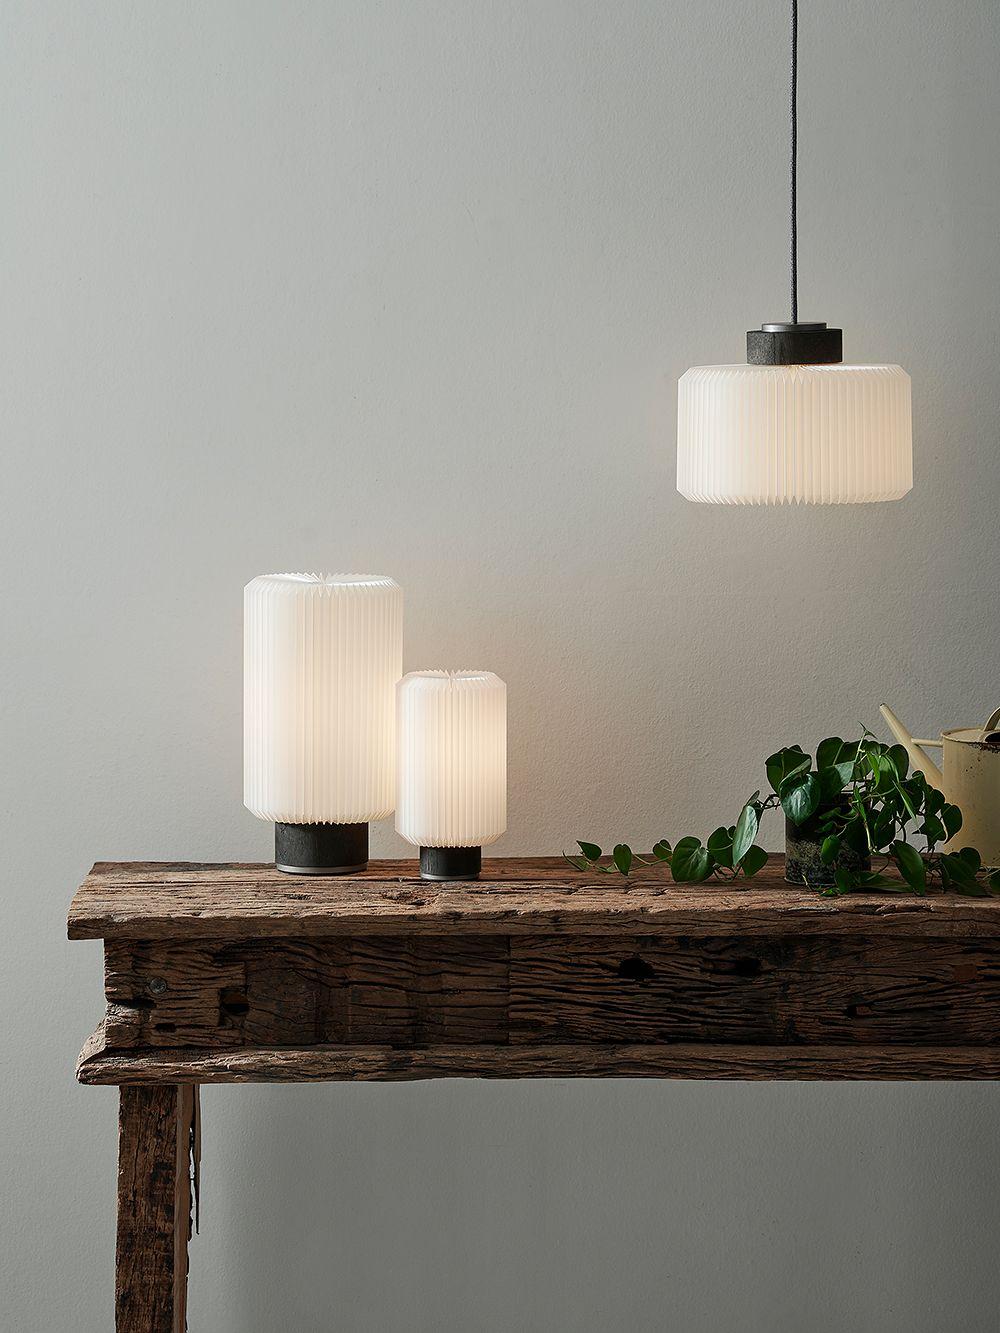 Le Klint Cylinder lamps